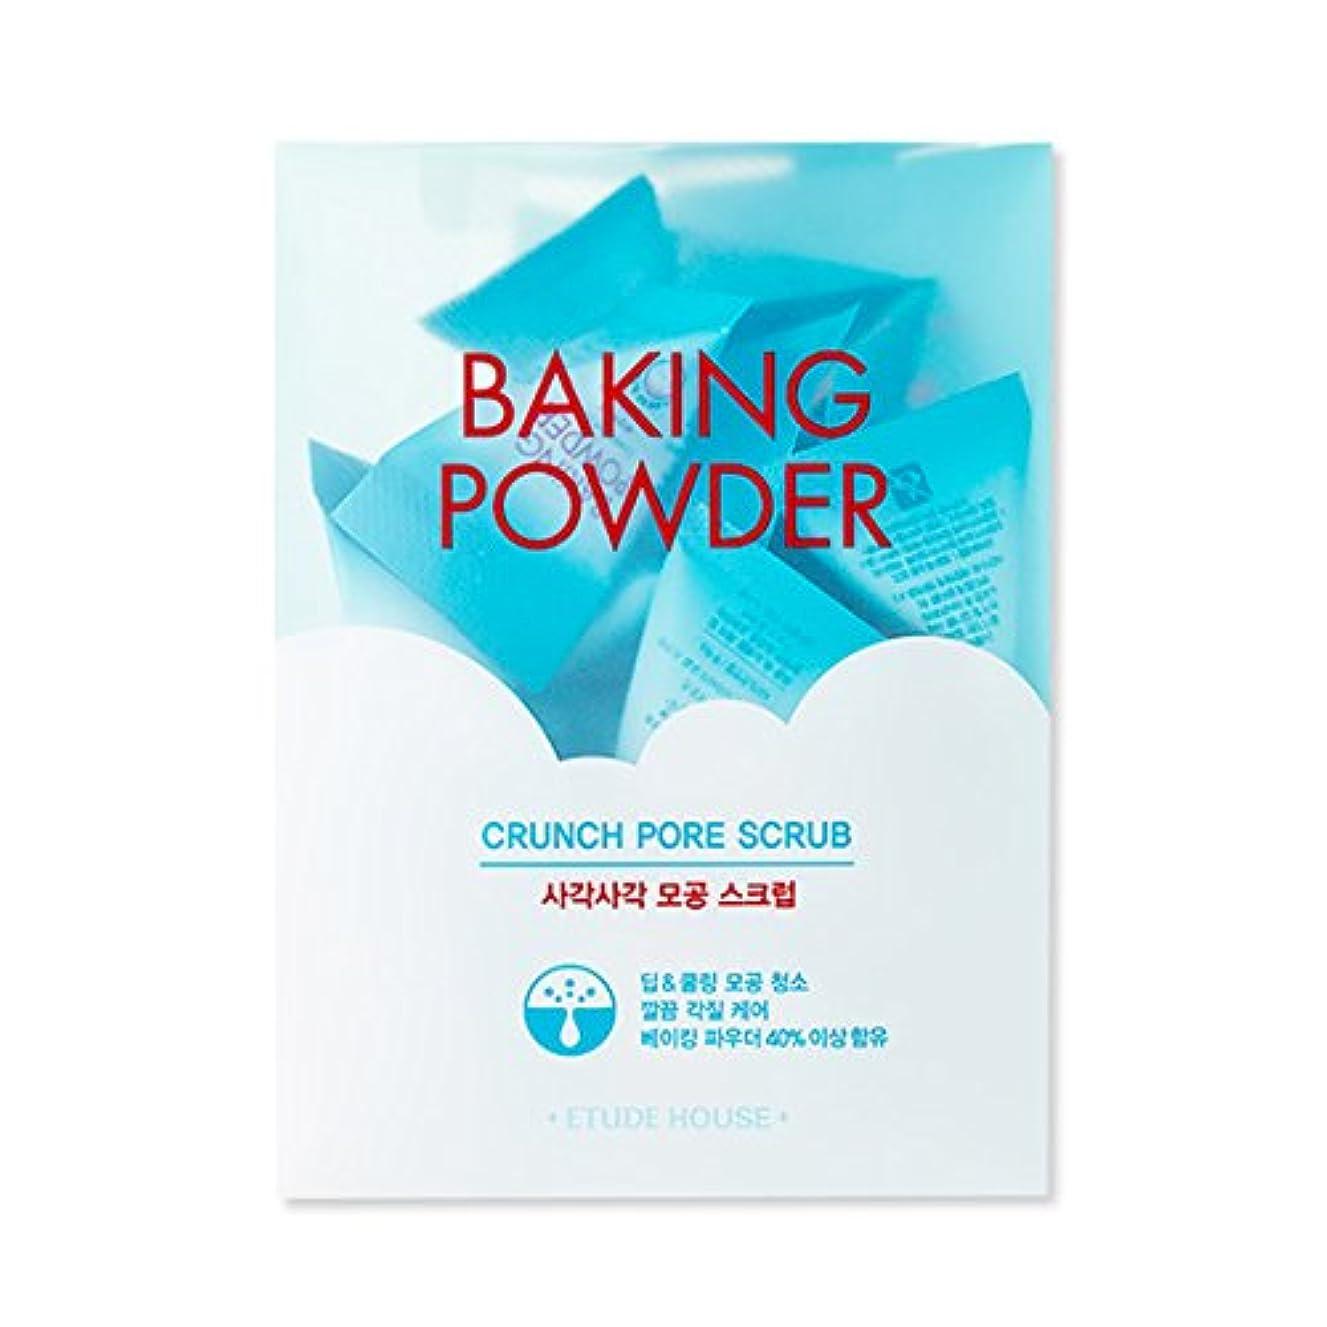 ニックネーム移動未亡人[2016 Upgrade!] ETUDE HOUSE Baking Powder Crunch Pore Scrub 7g×24ea/エチュードハウス ベーキング パウダー クランチ ポア スクラブ 7g×24ea [...